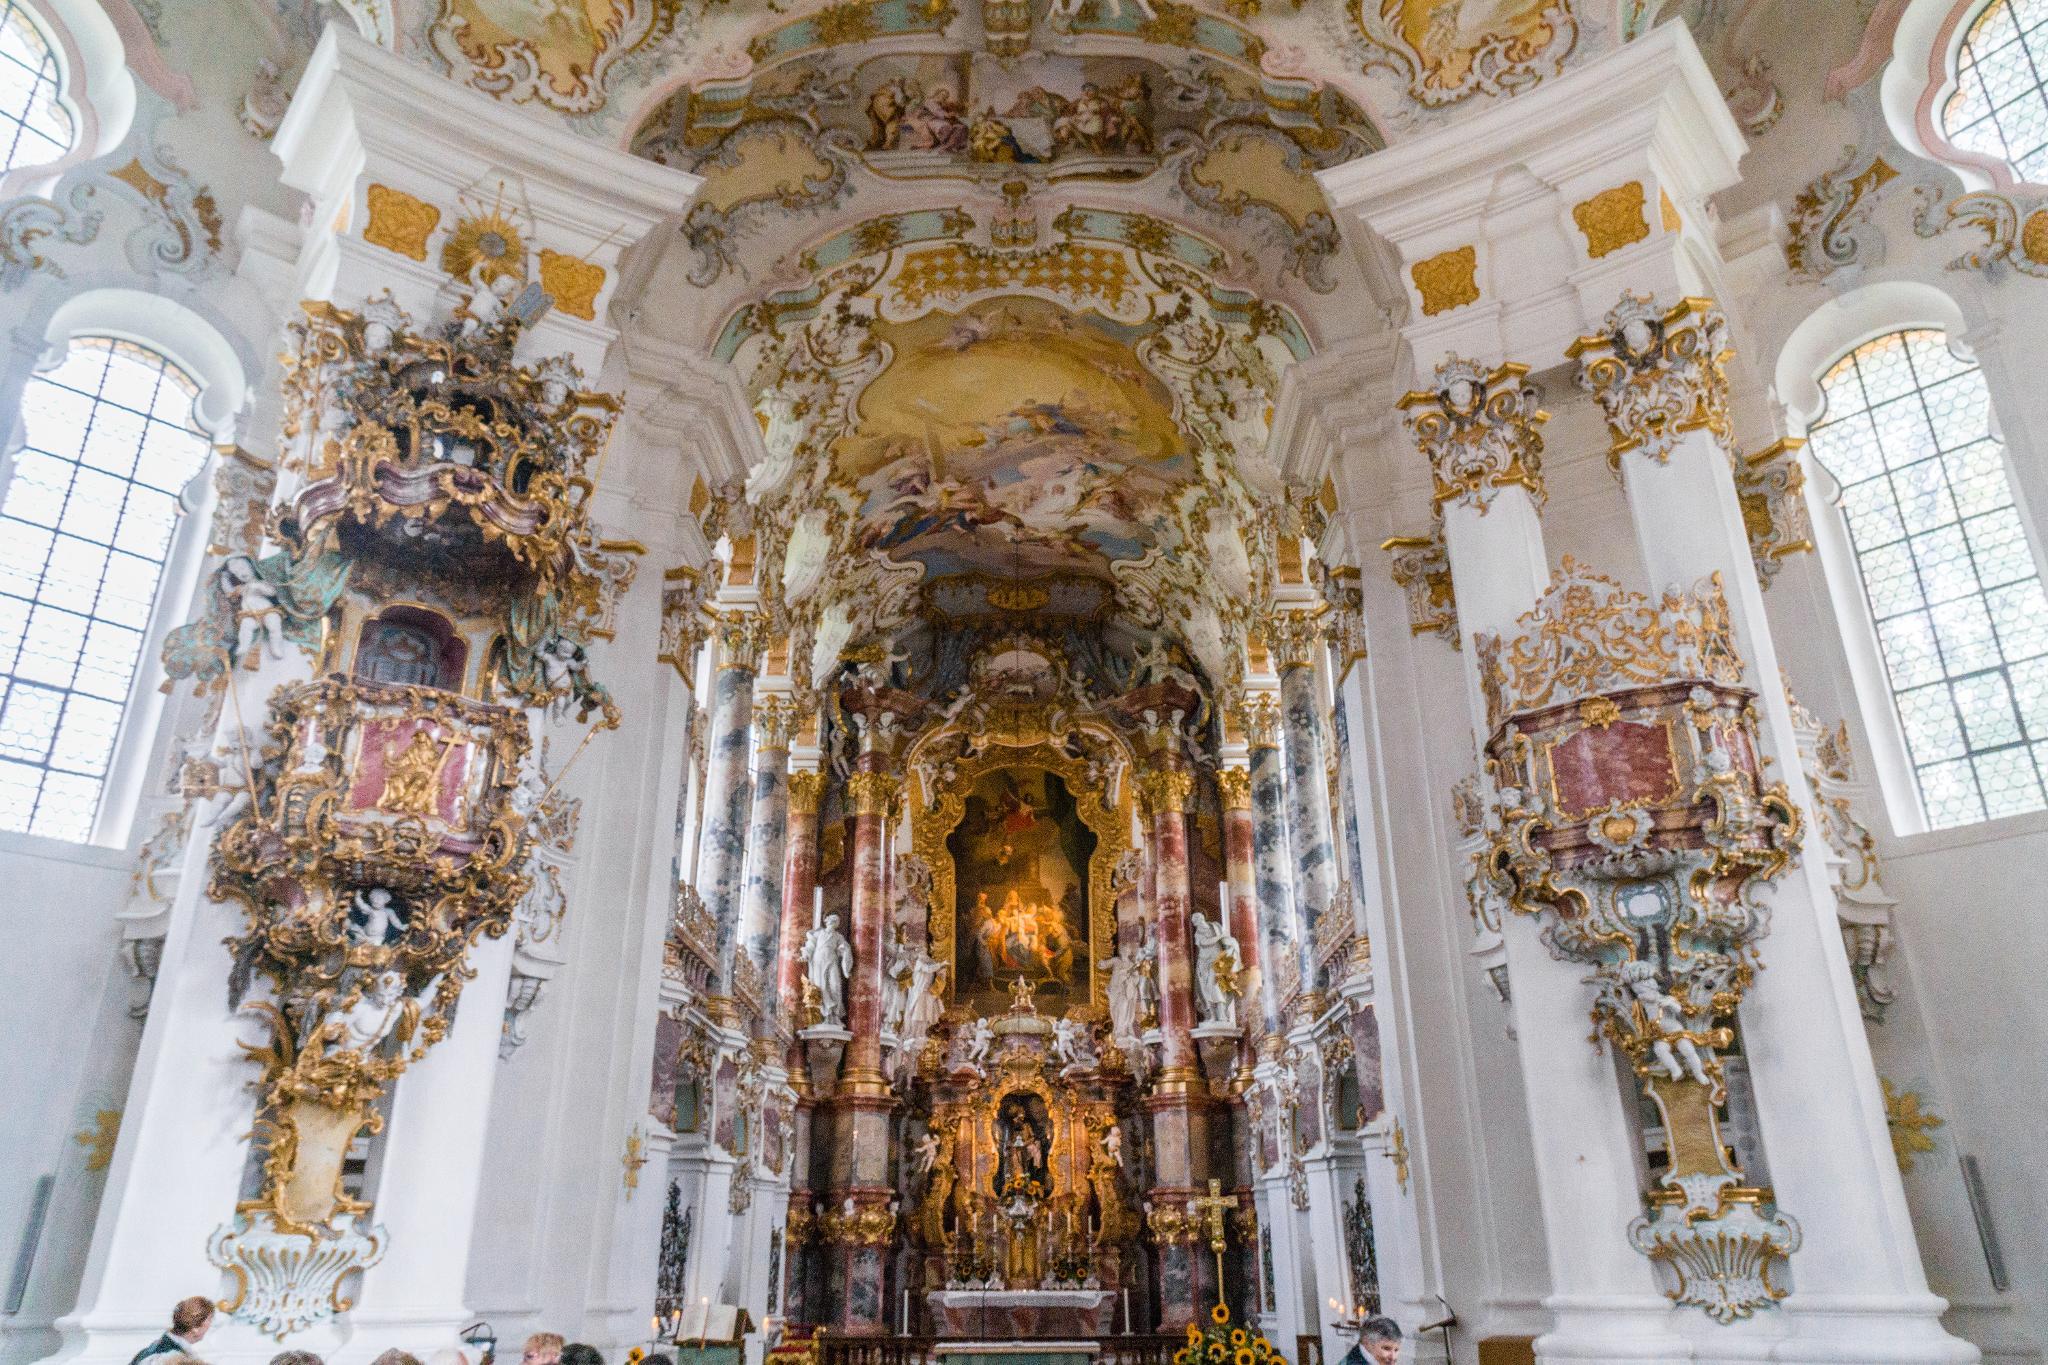 【德國】阿爾卑斯大道:維斯朝聖教堂 (Wieskirche) 19